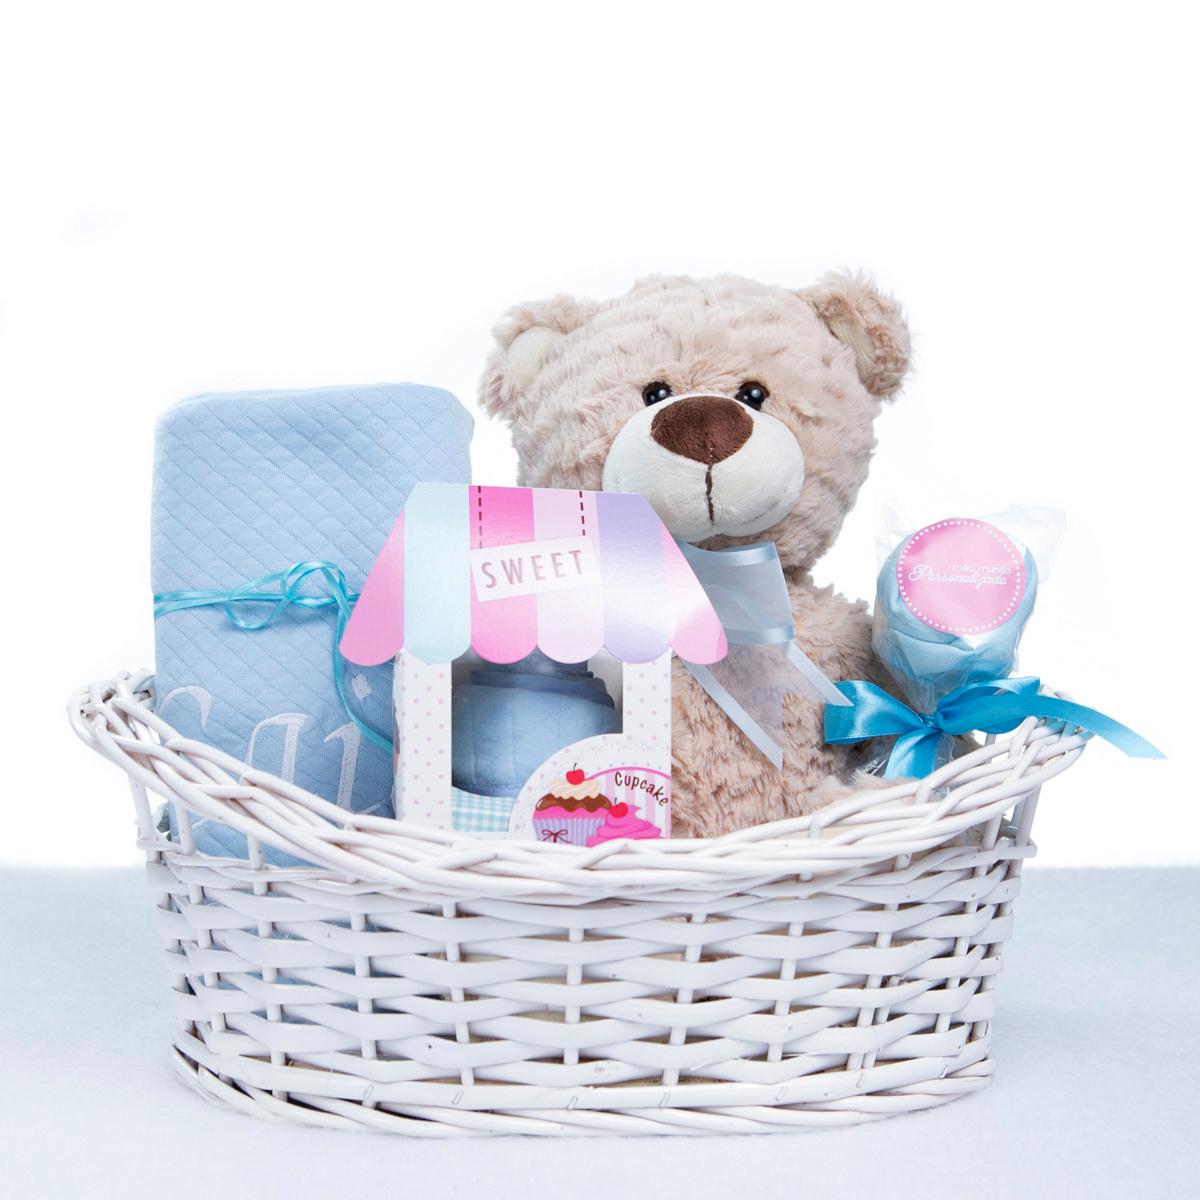 Cesta maternidade para meninos - Cestas de mimbre para bebes ...